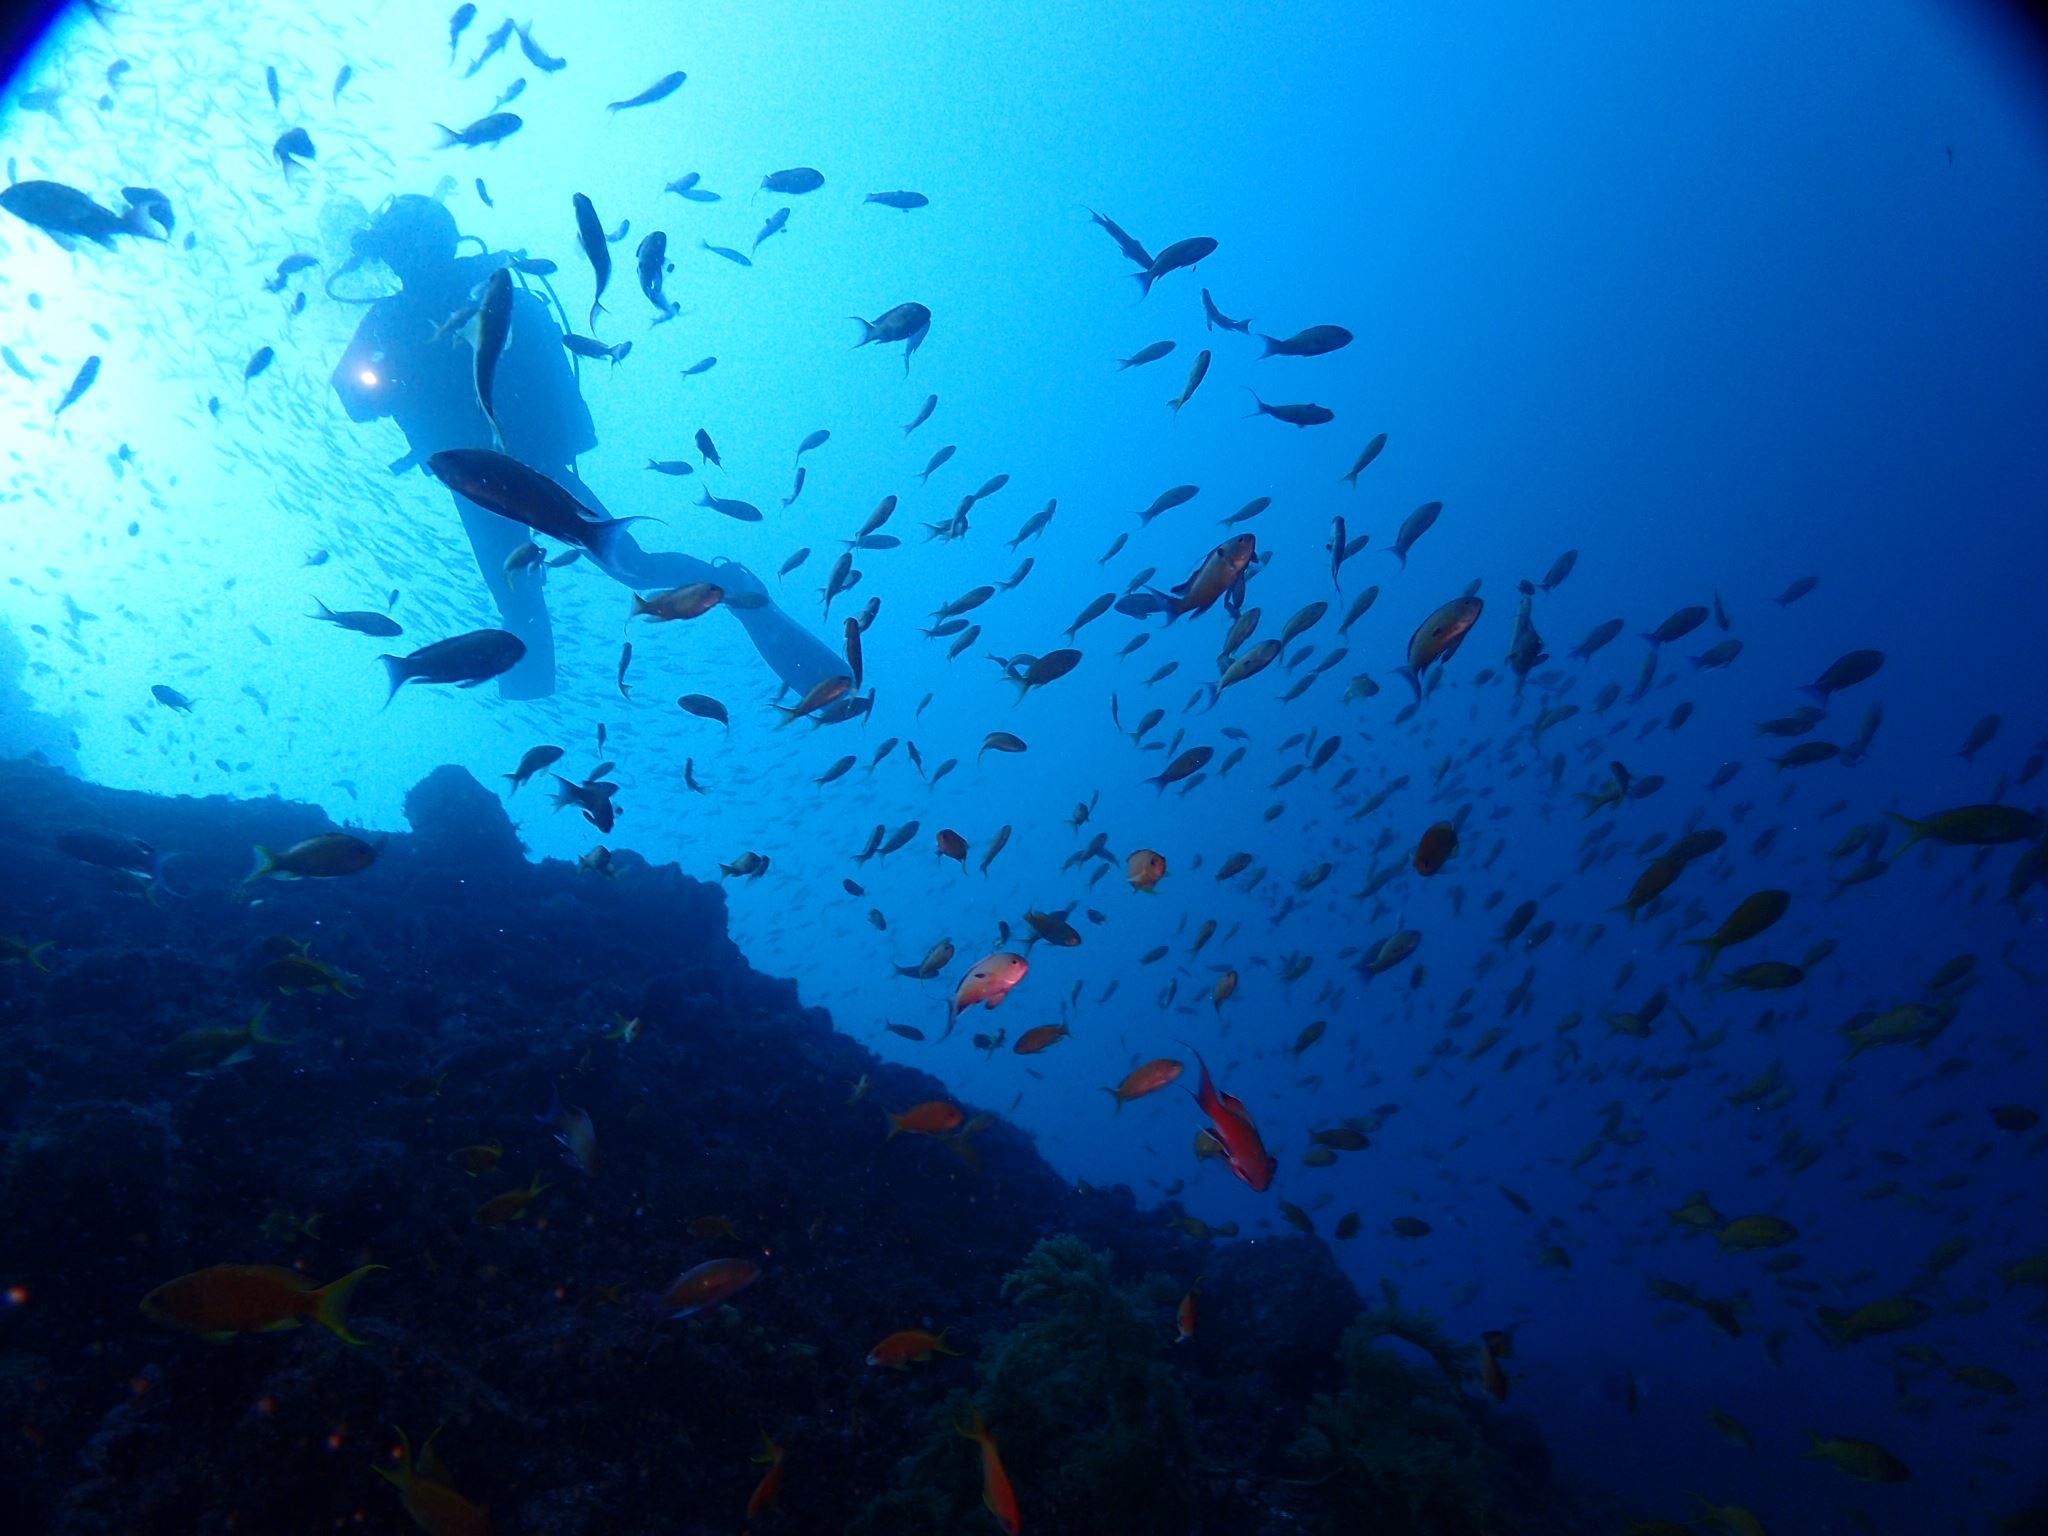 【解説】ダイビングライセンスの種類と違い、指導団体とは?